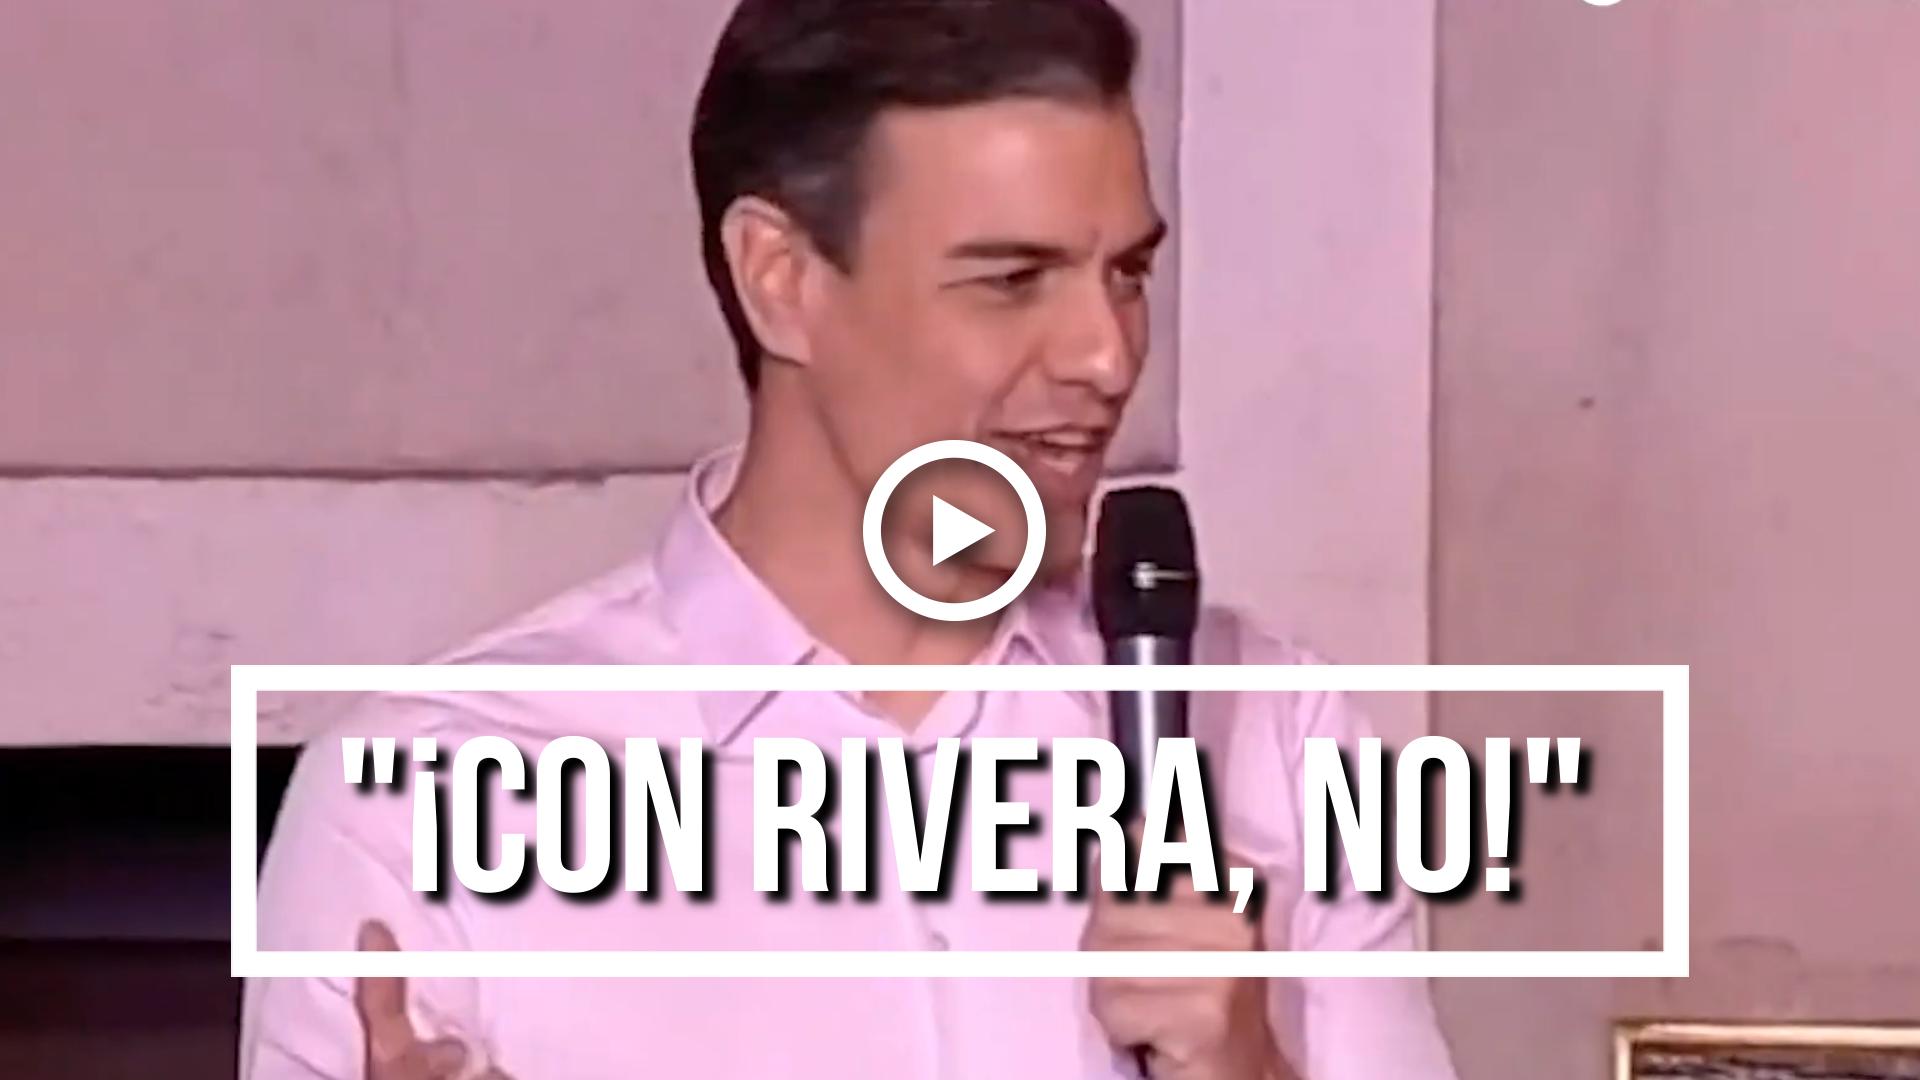 ¡Con Rivera,  no!